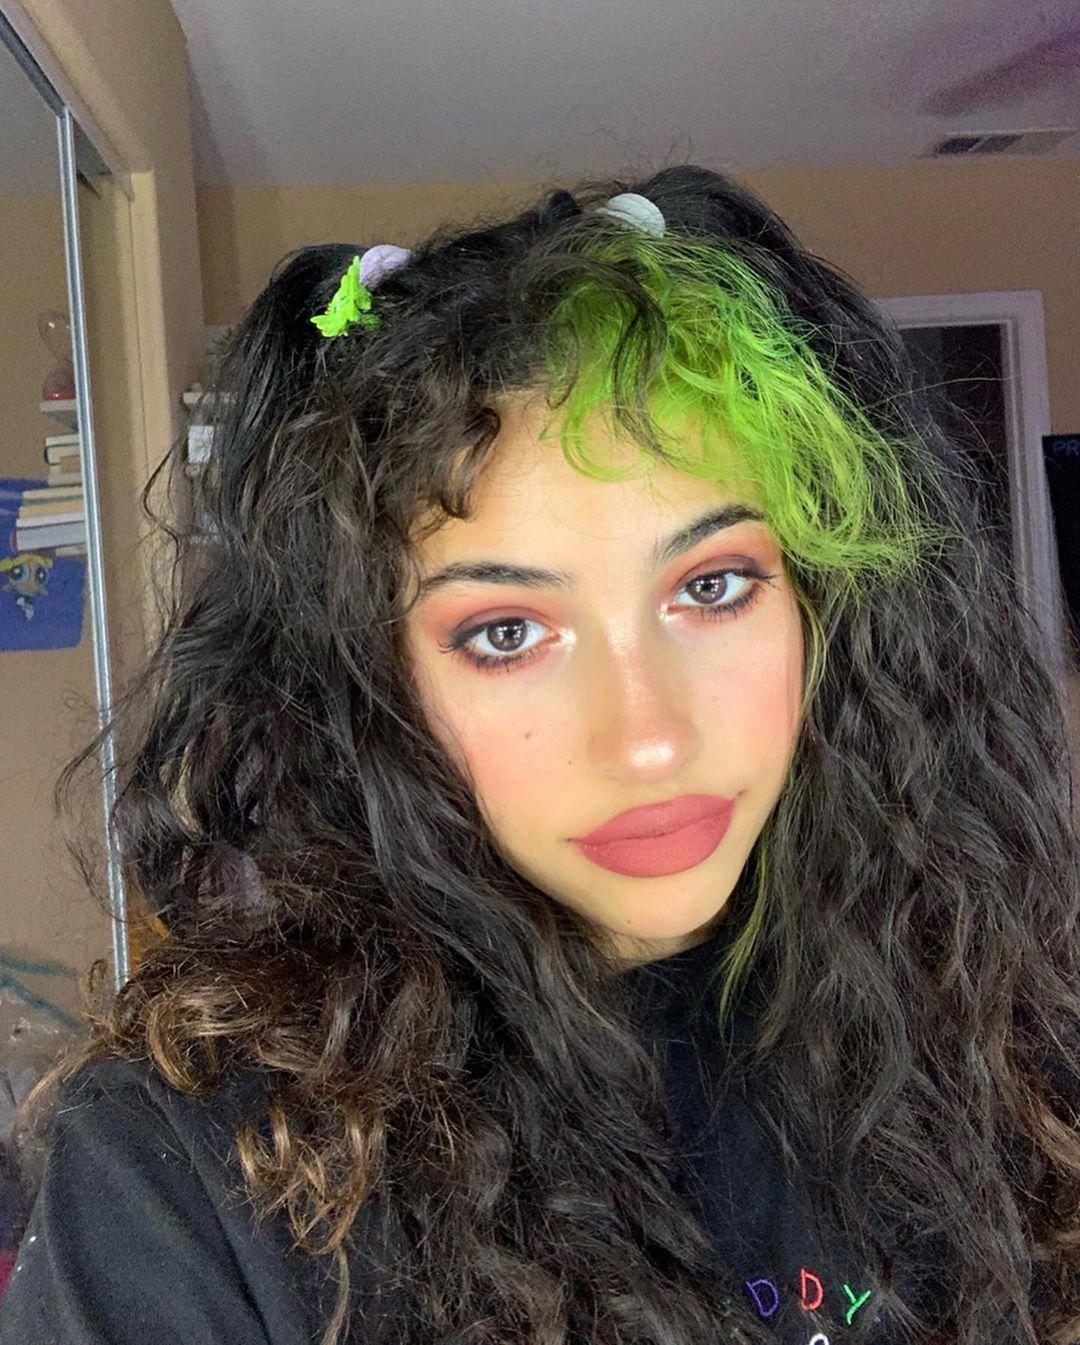 V 3 On Instagram I M Brave For Posting Rn Haircare Hair Streaks Aesthetic Hair Green Hair Streaks